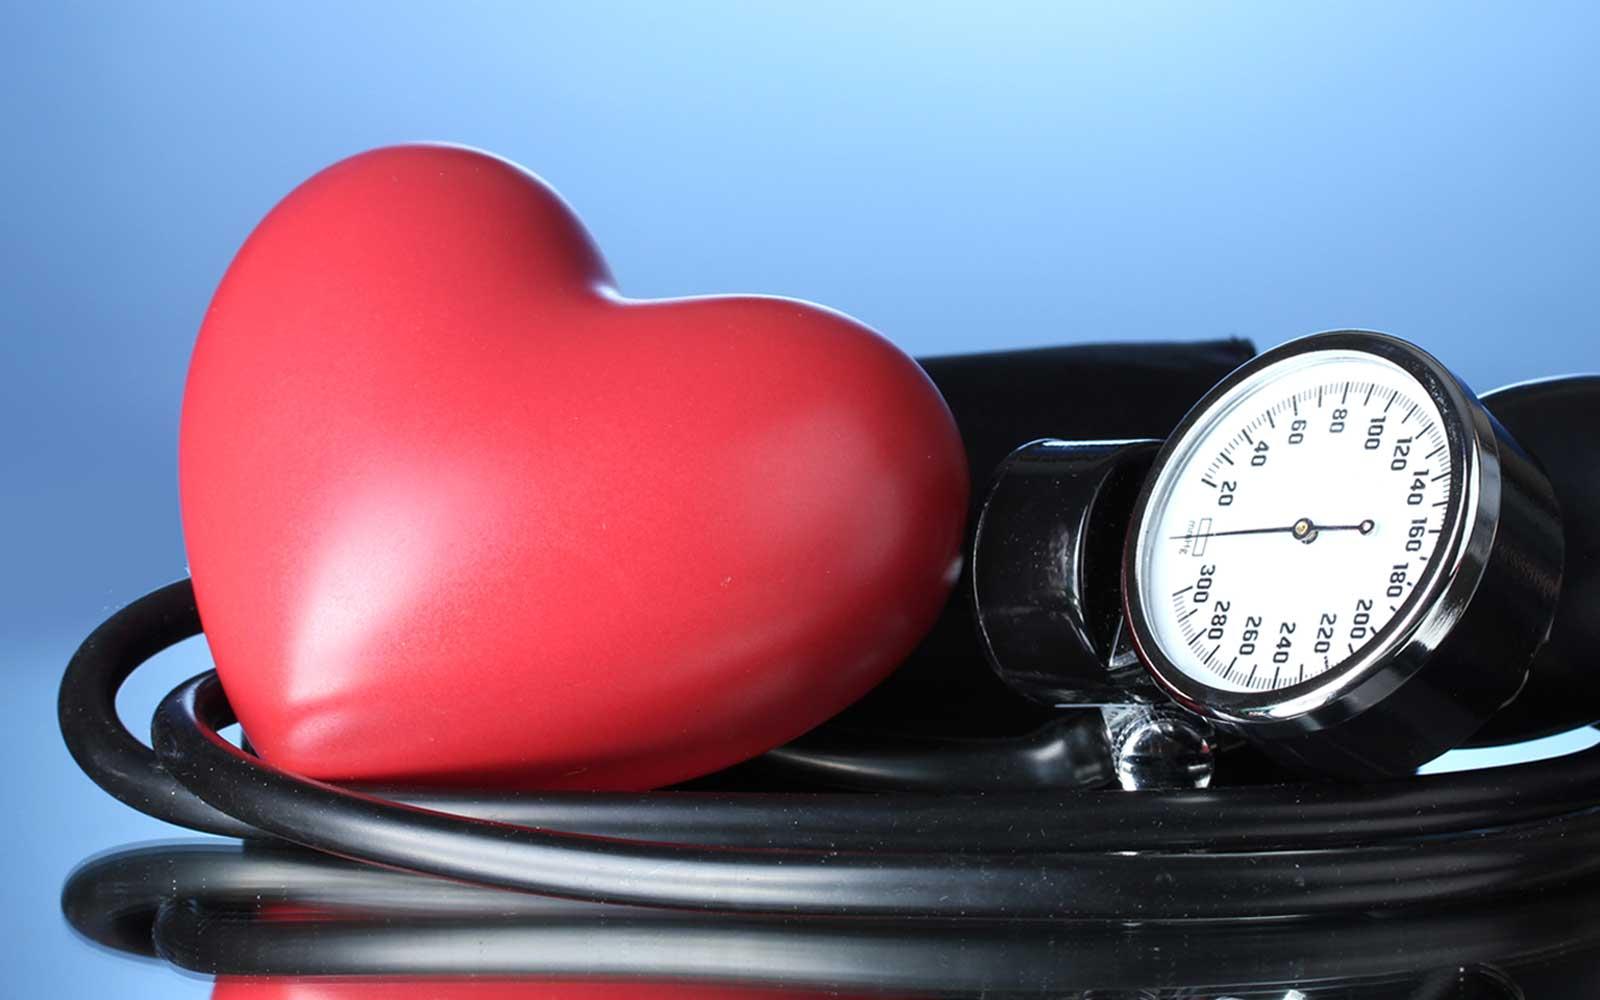 Гипертония: причины, симптомы, лечение, факторы риска